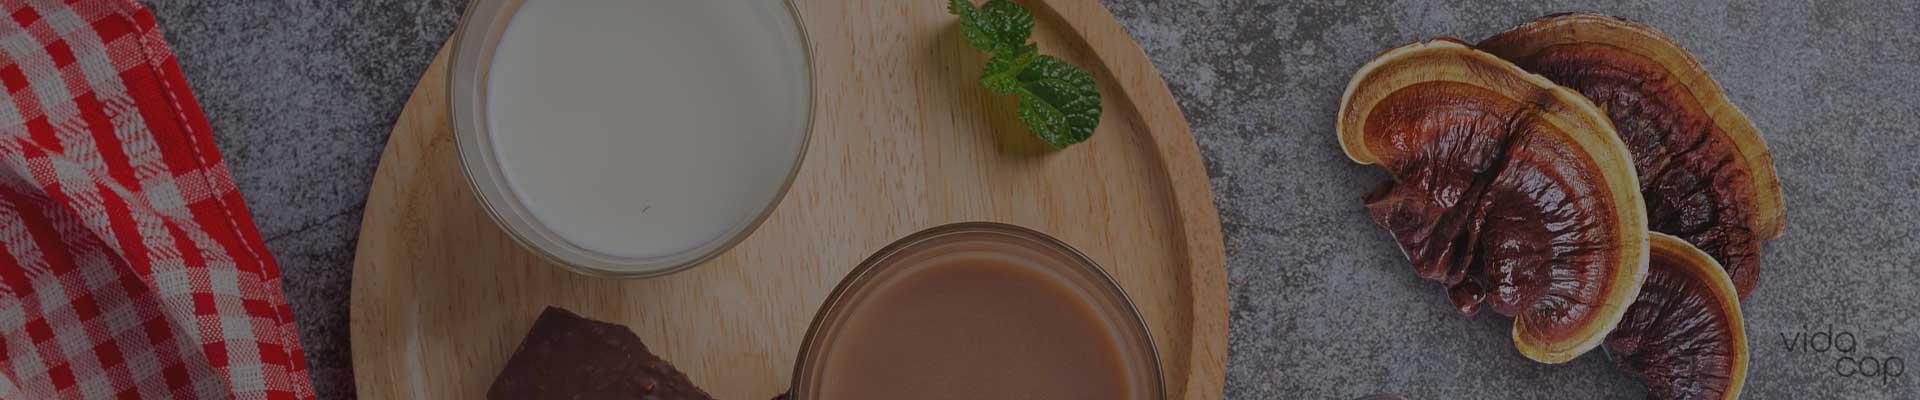 banner-how-to-make-reishi-chocolate-milk